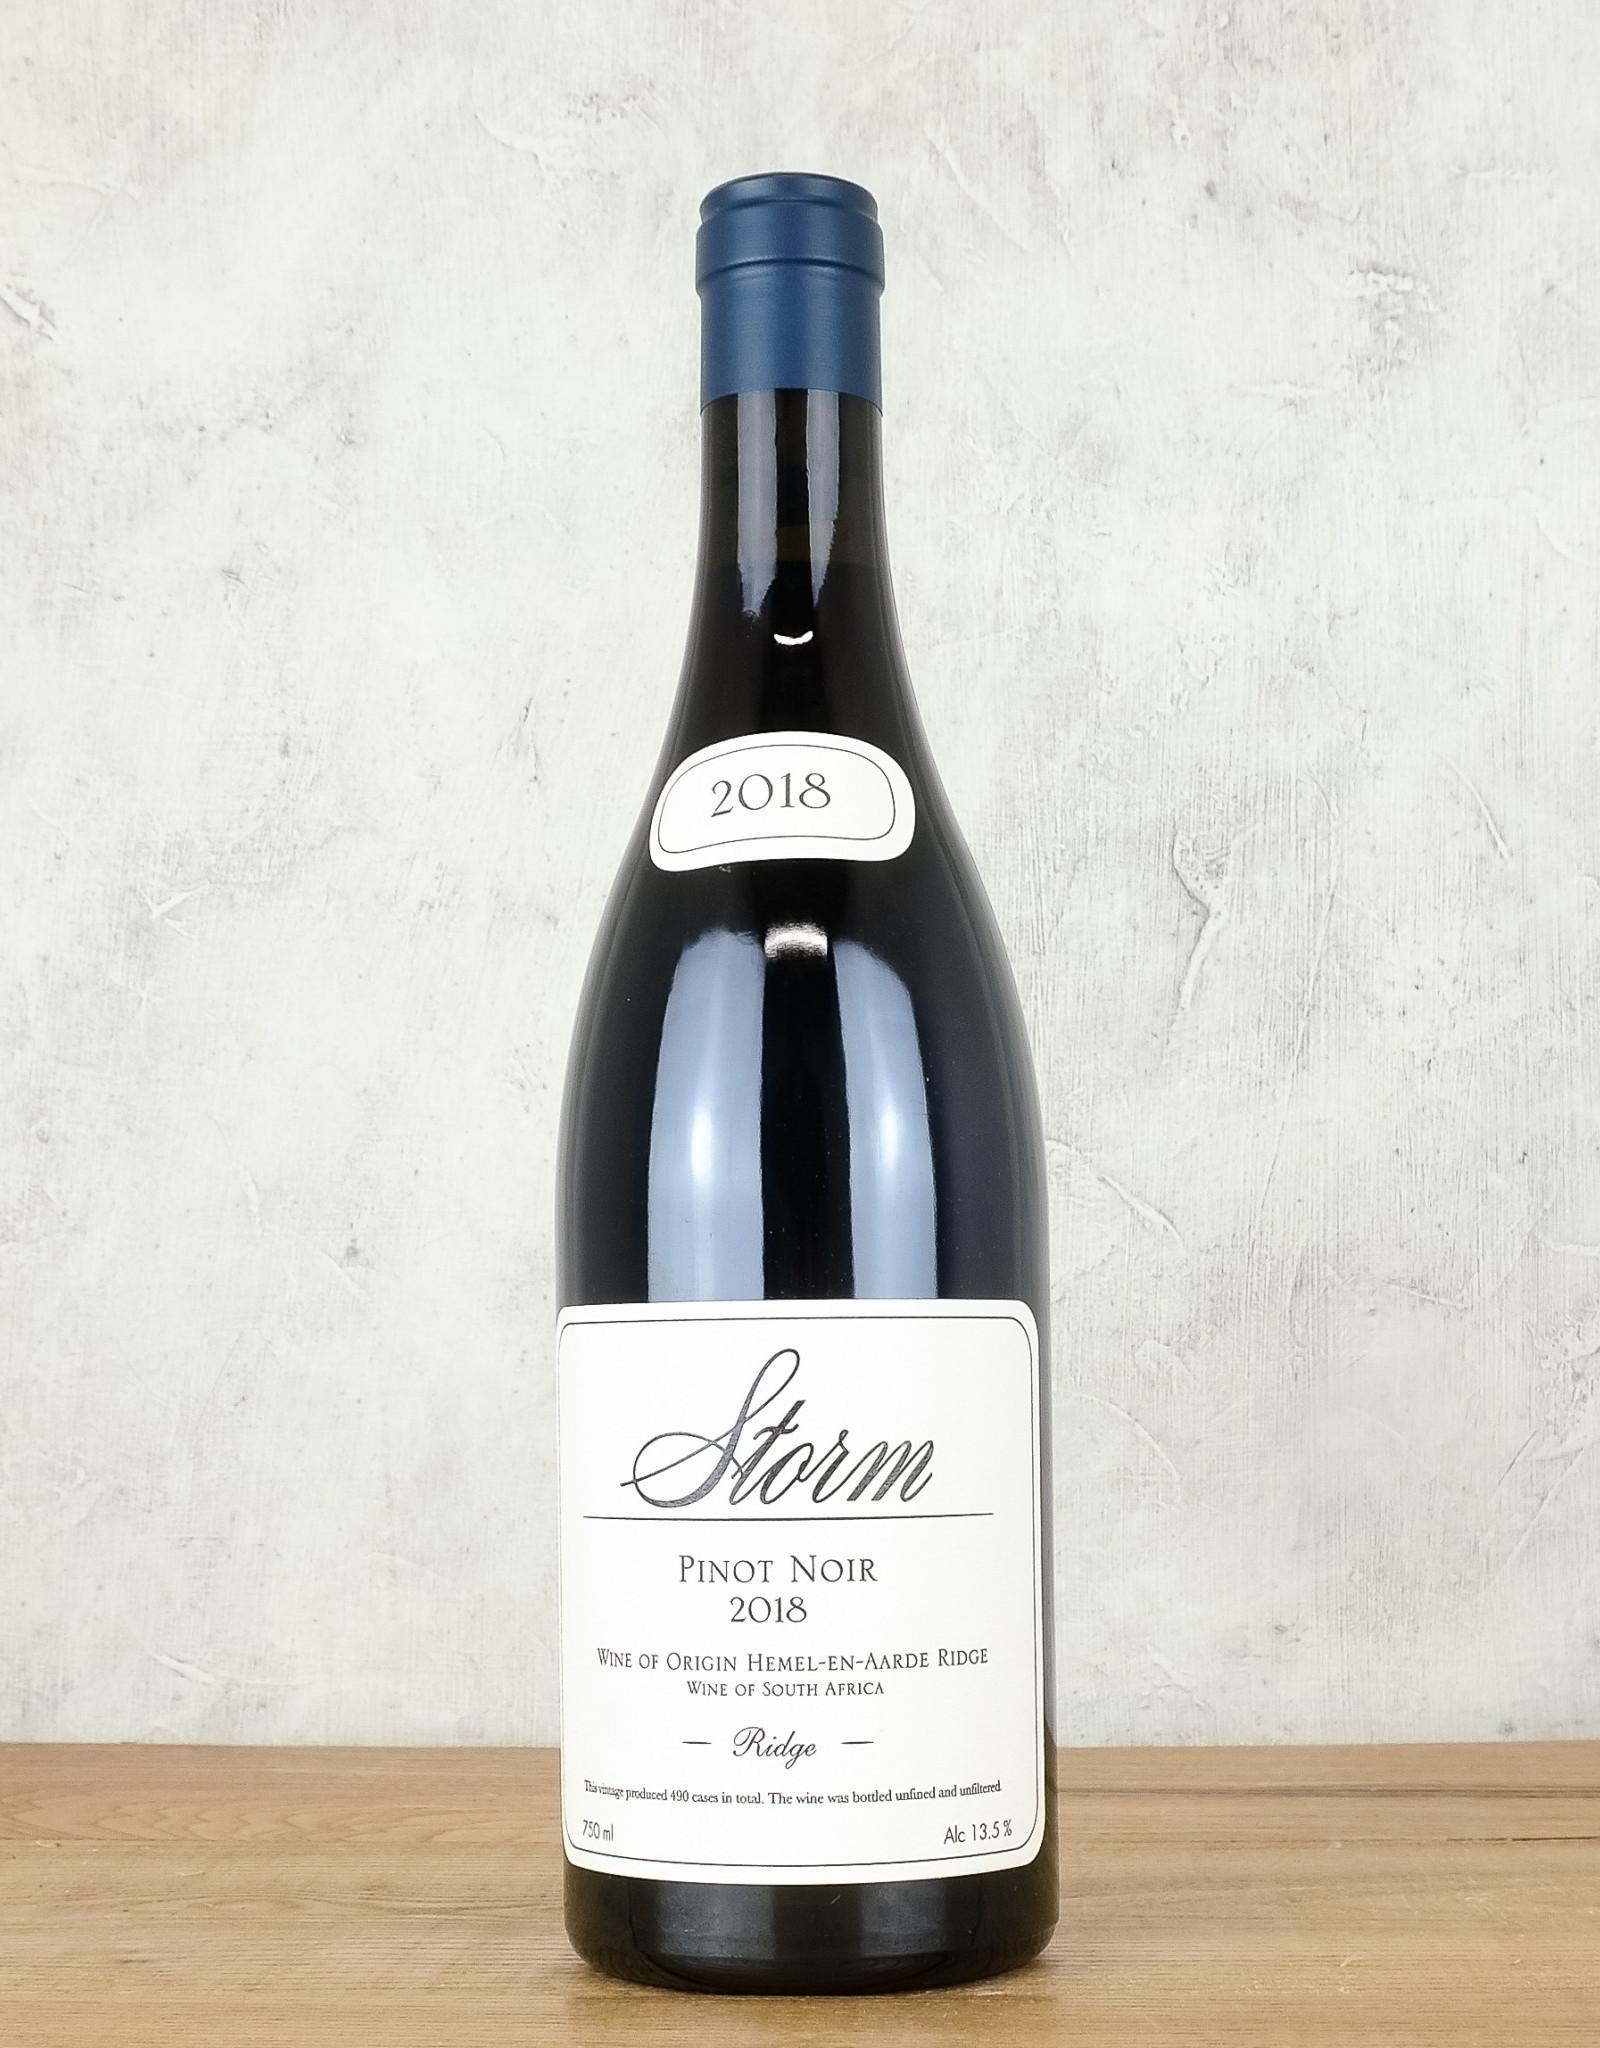 Storm Pinot Noir Hemel-en-Aarde Ridge